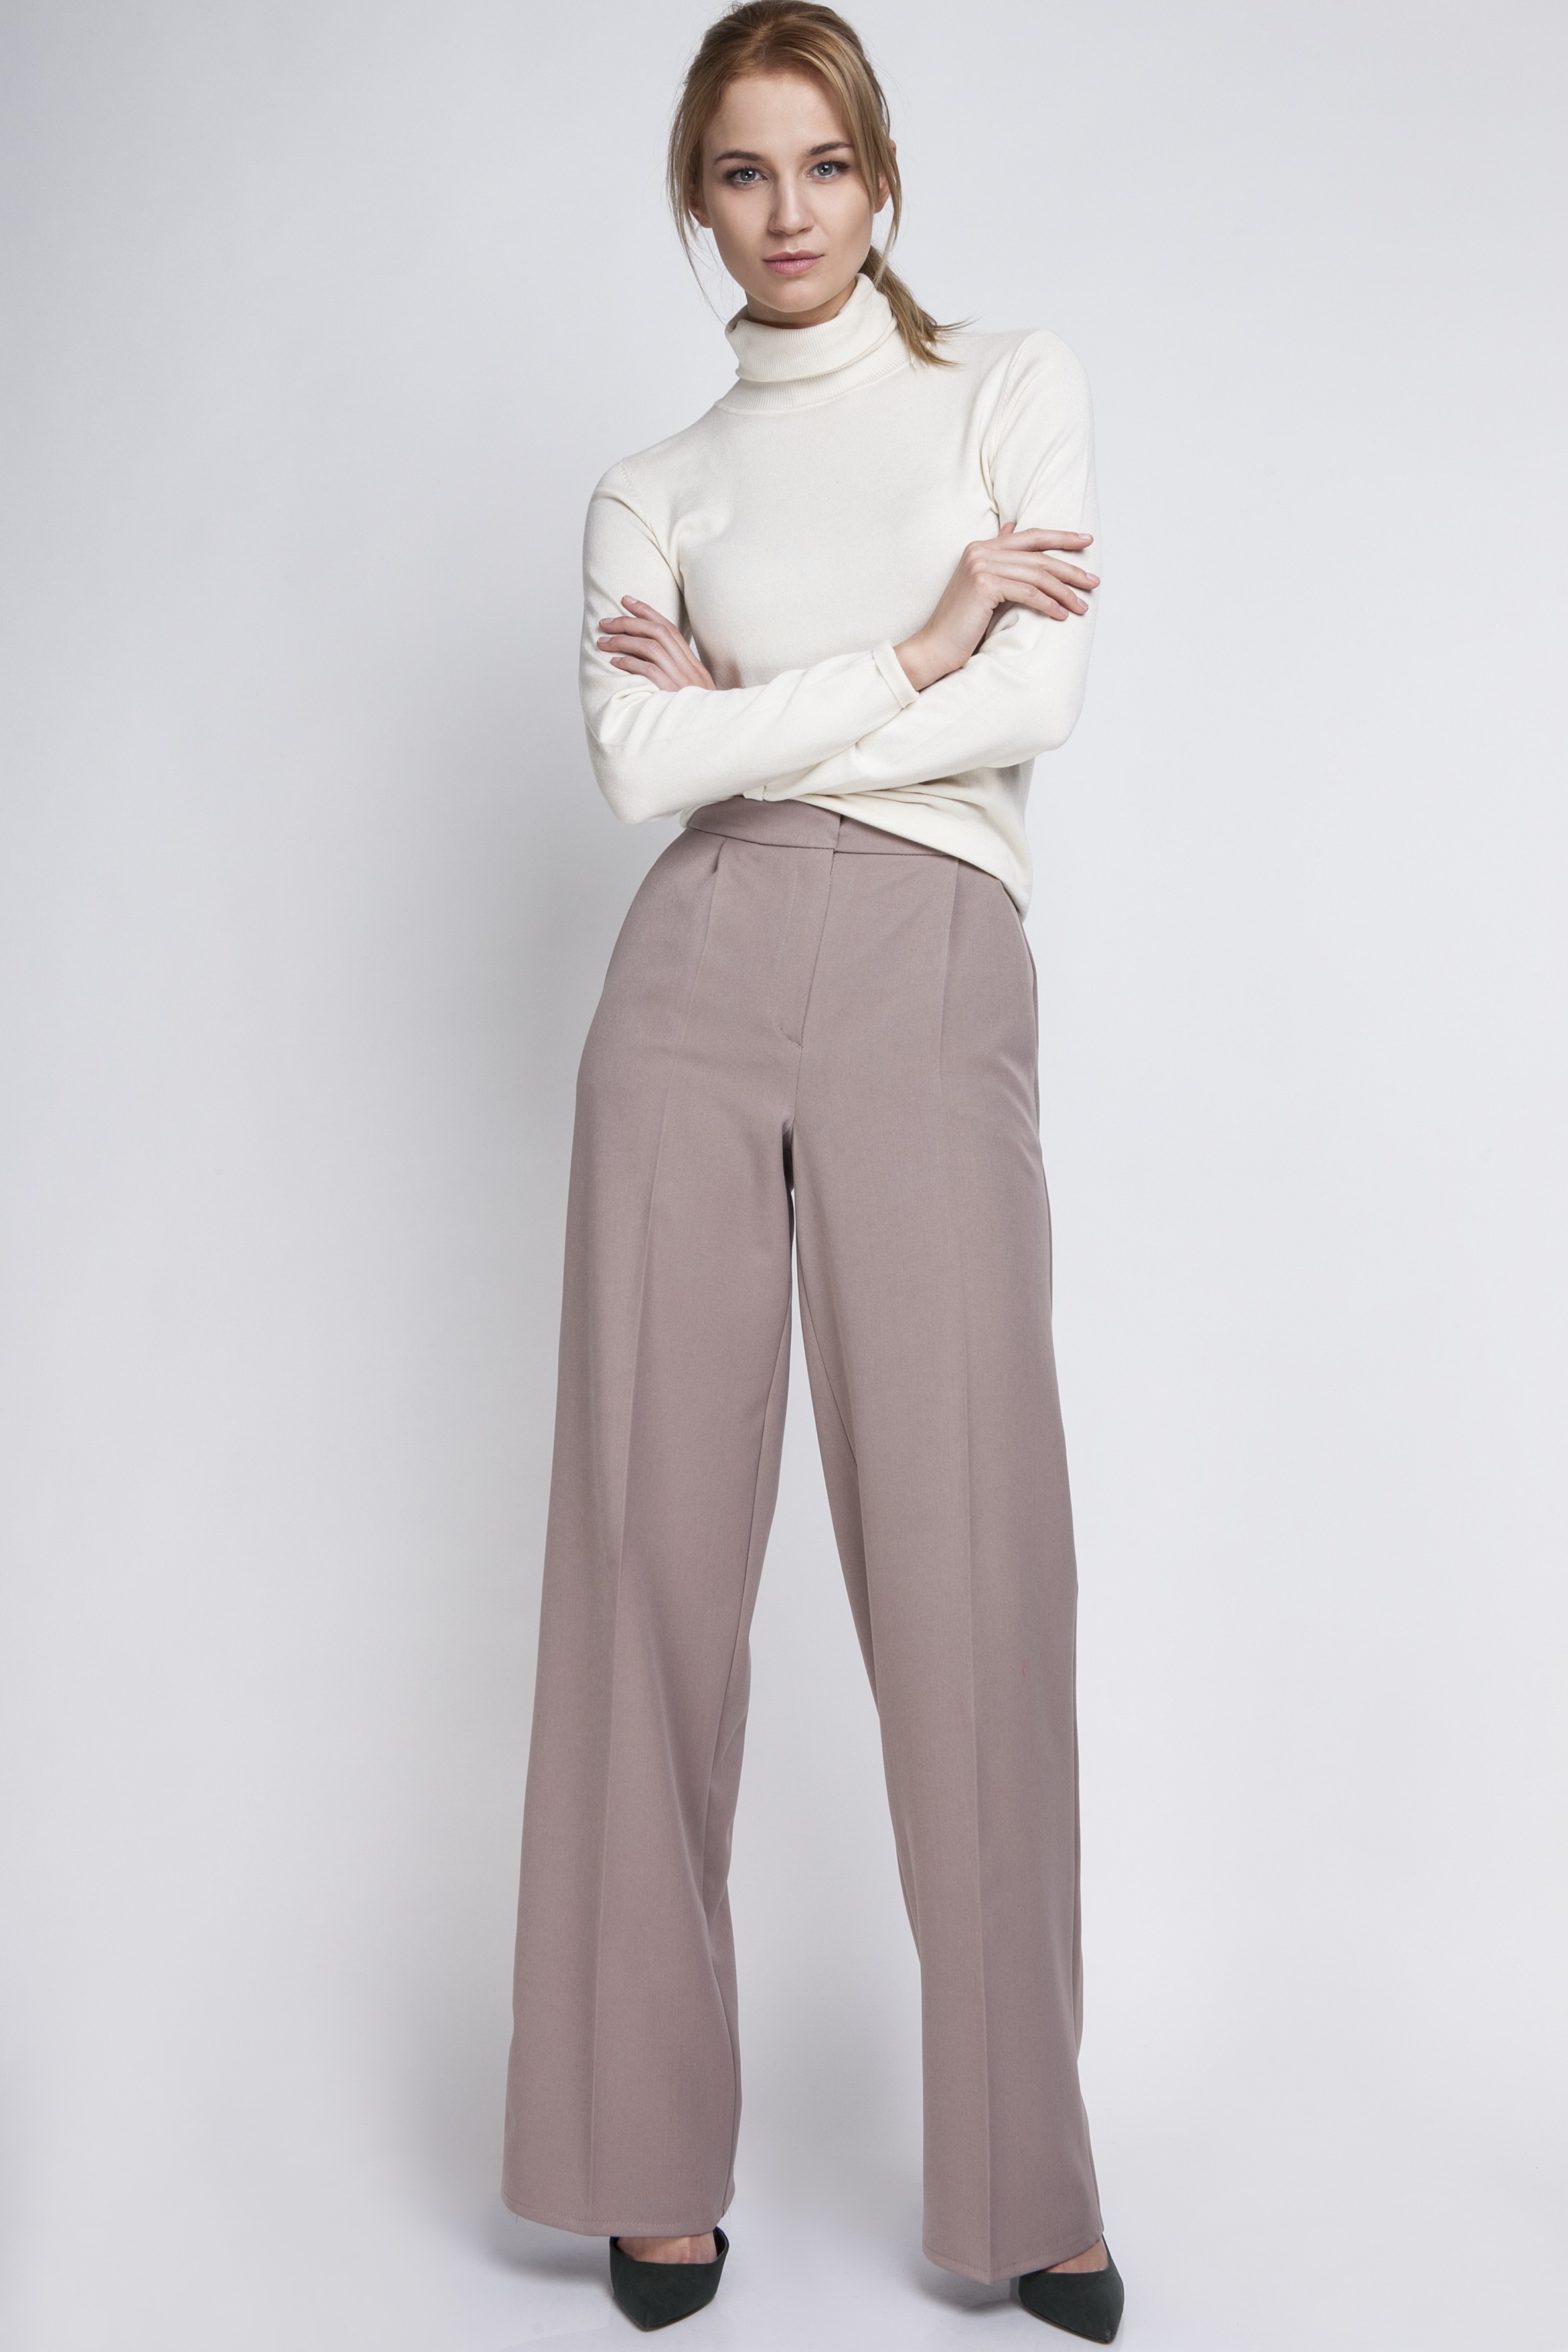 68cca9ed816860 Klasyczne spodnie z wysokim stanem, SD111 beż. Spodnie, SD111 beż. Loading  zoom